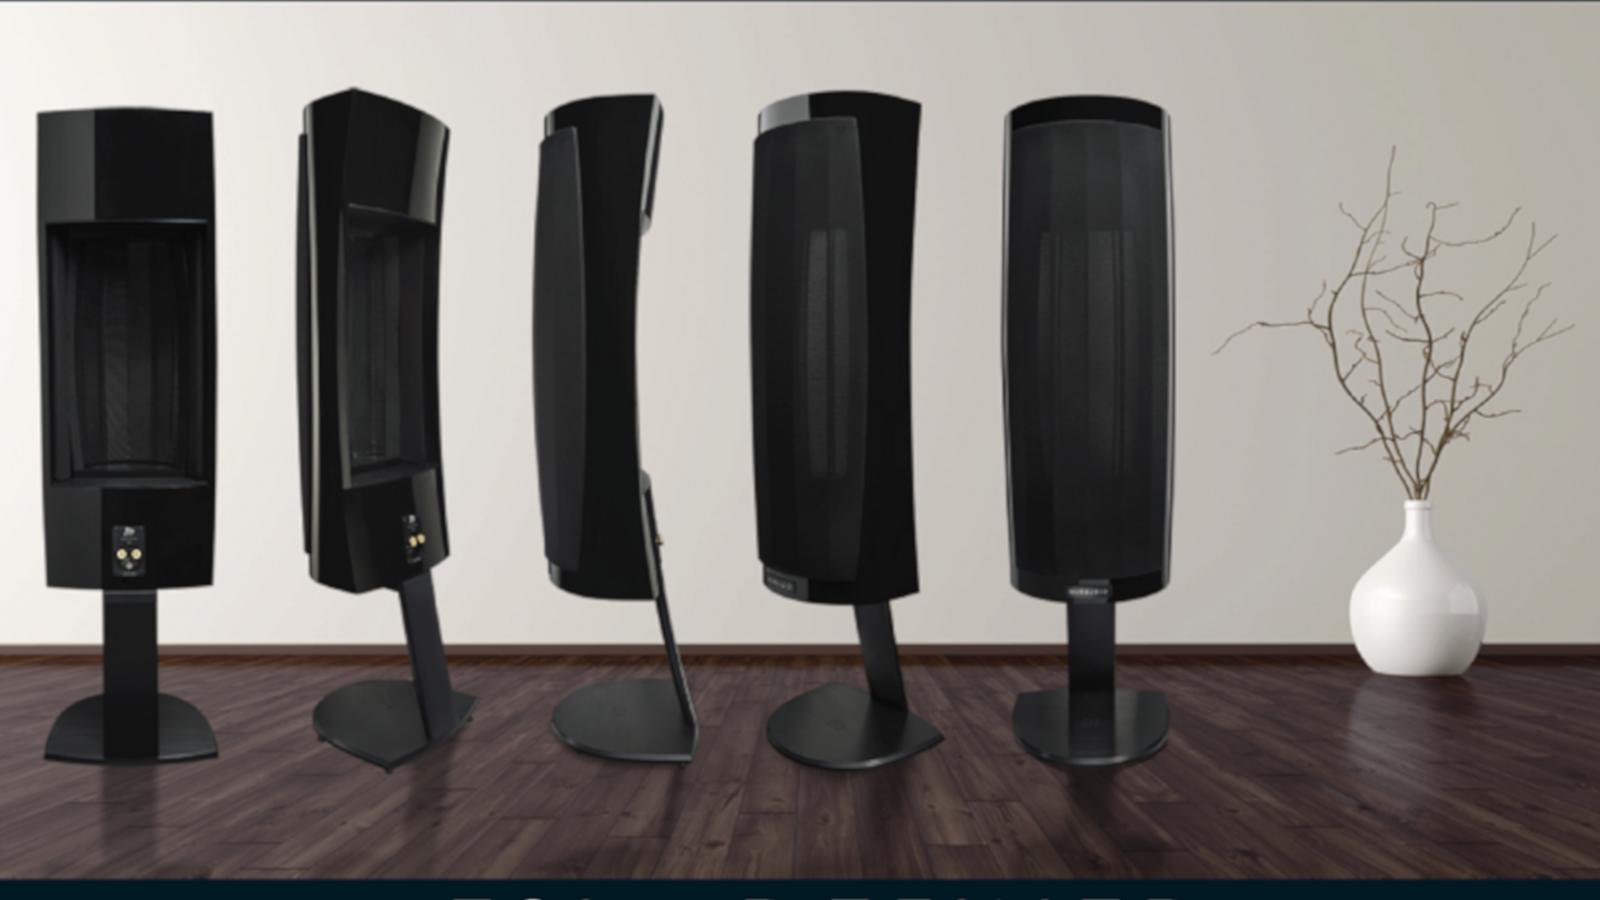 muraudio-SP1-loudspeakers1.png